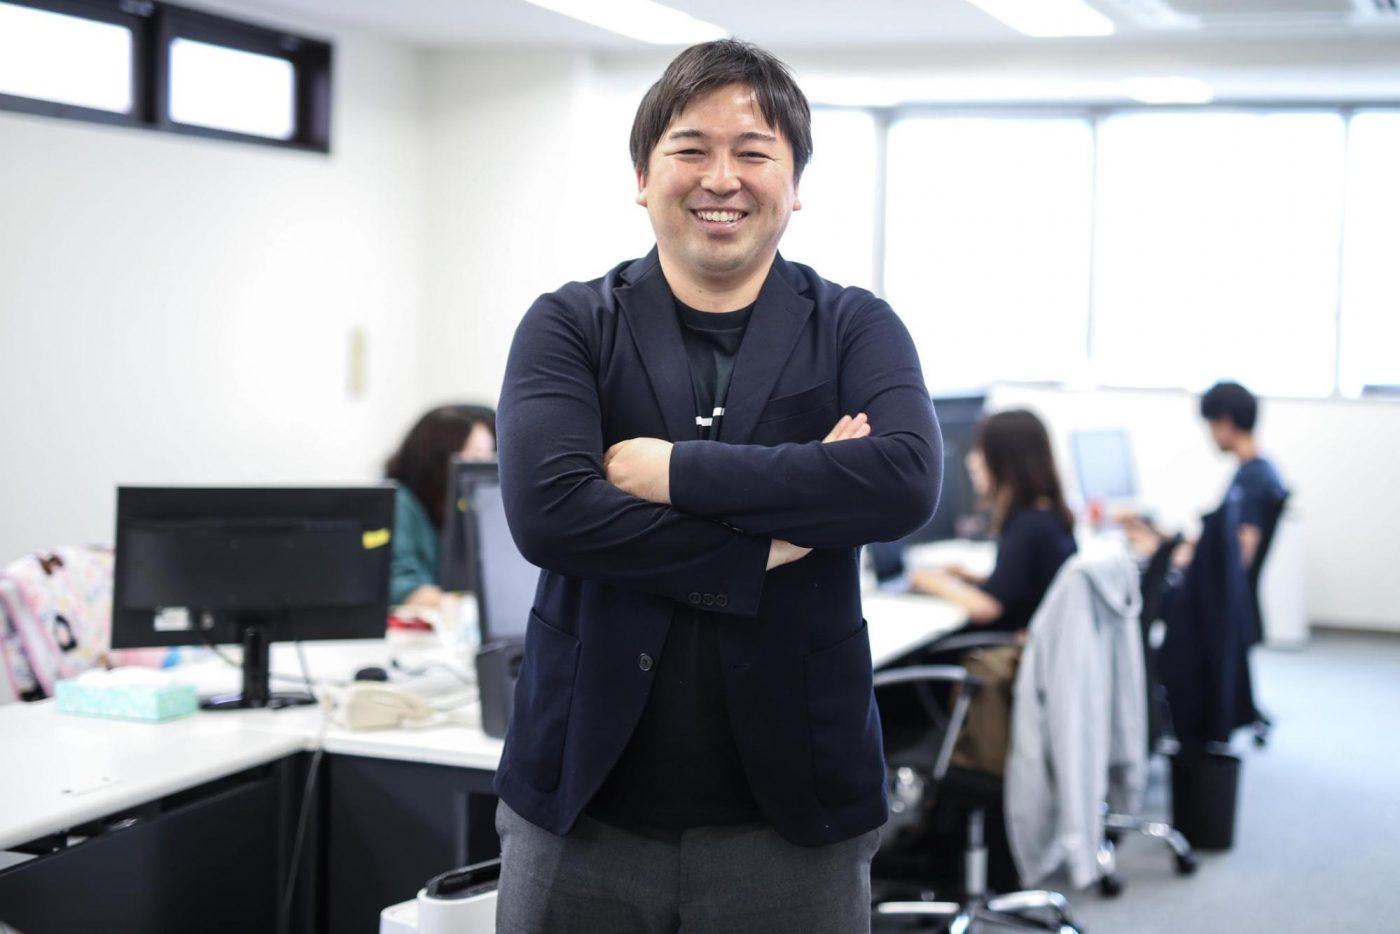 ■金谷元気(かなや・げんき) ー1984年生まれ。akippa株式会社代表取締役。上場企業で営業を2年間経験した後、2009年にakippa株式会社を設立。2014年に駐車場のシェアサービス「akippa」をリリースし、現在に至る。